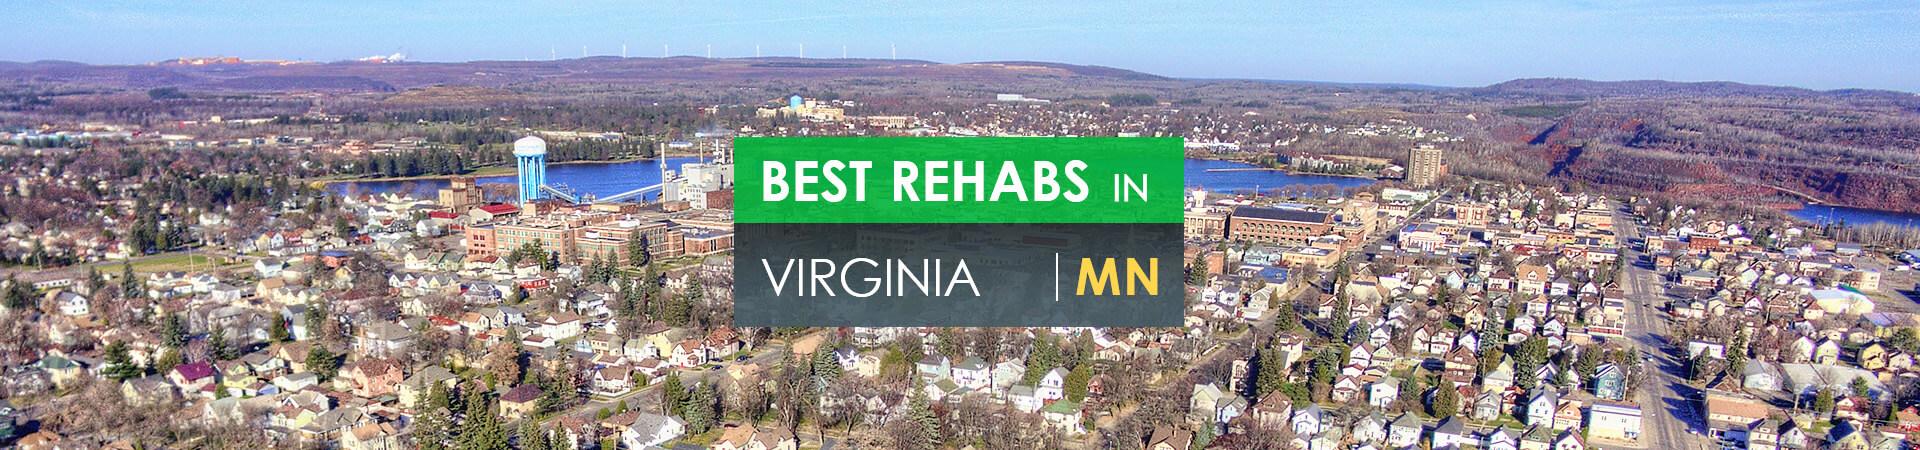 Best rehabs in Virginia, MN